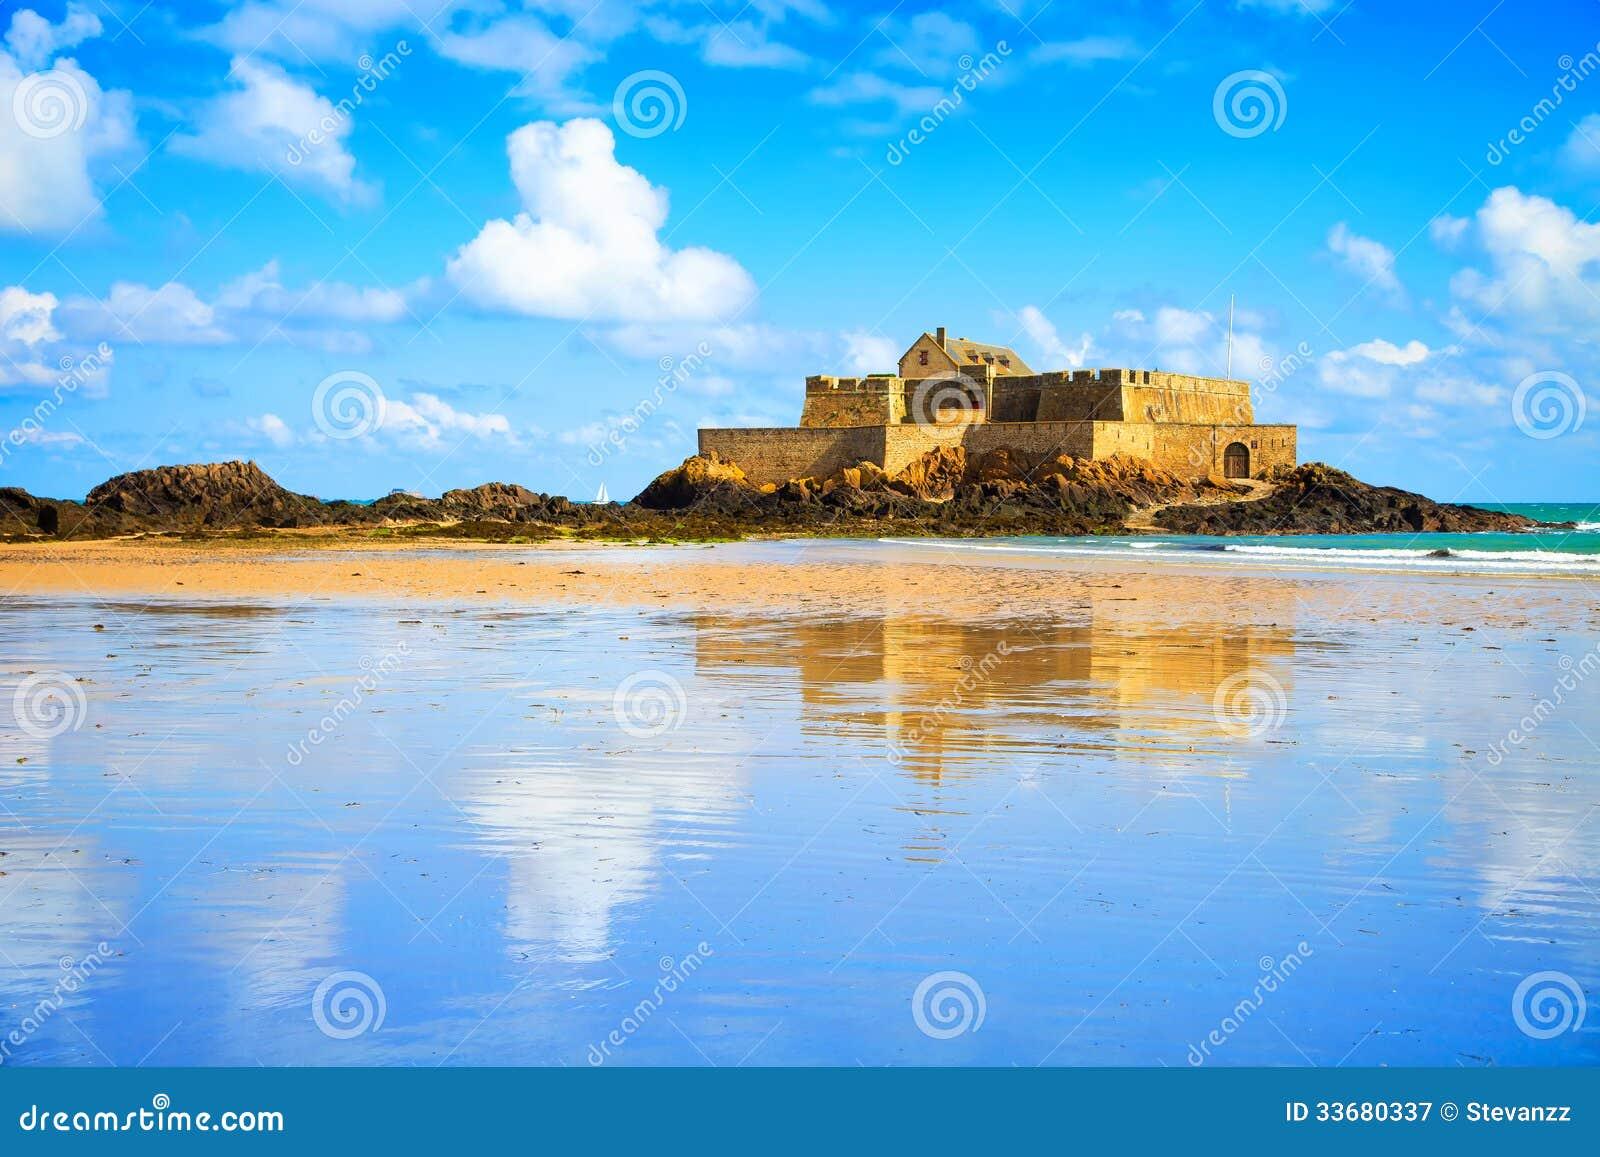 Οχυρό Αγίου Malo εθνικό και παραλία, χαμηλή παλίρροια. Βρετάνη, Γαλλία.